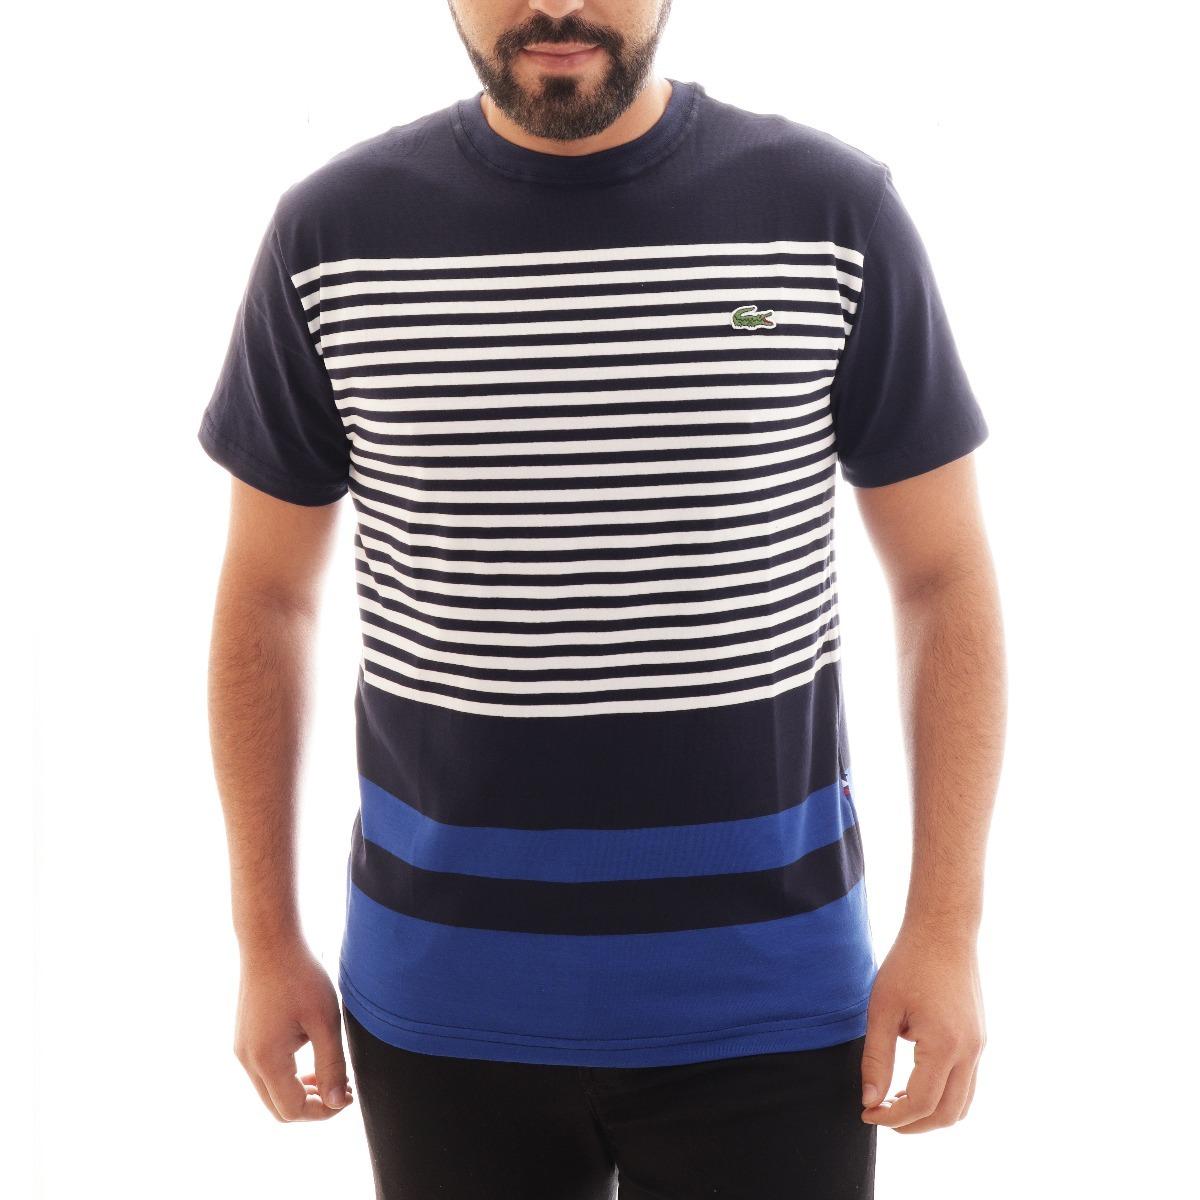 camisa camiseta lacoste listrada masc preto azul original. Carregando zoom. 779e21e98e